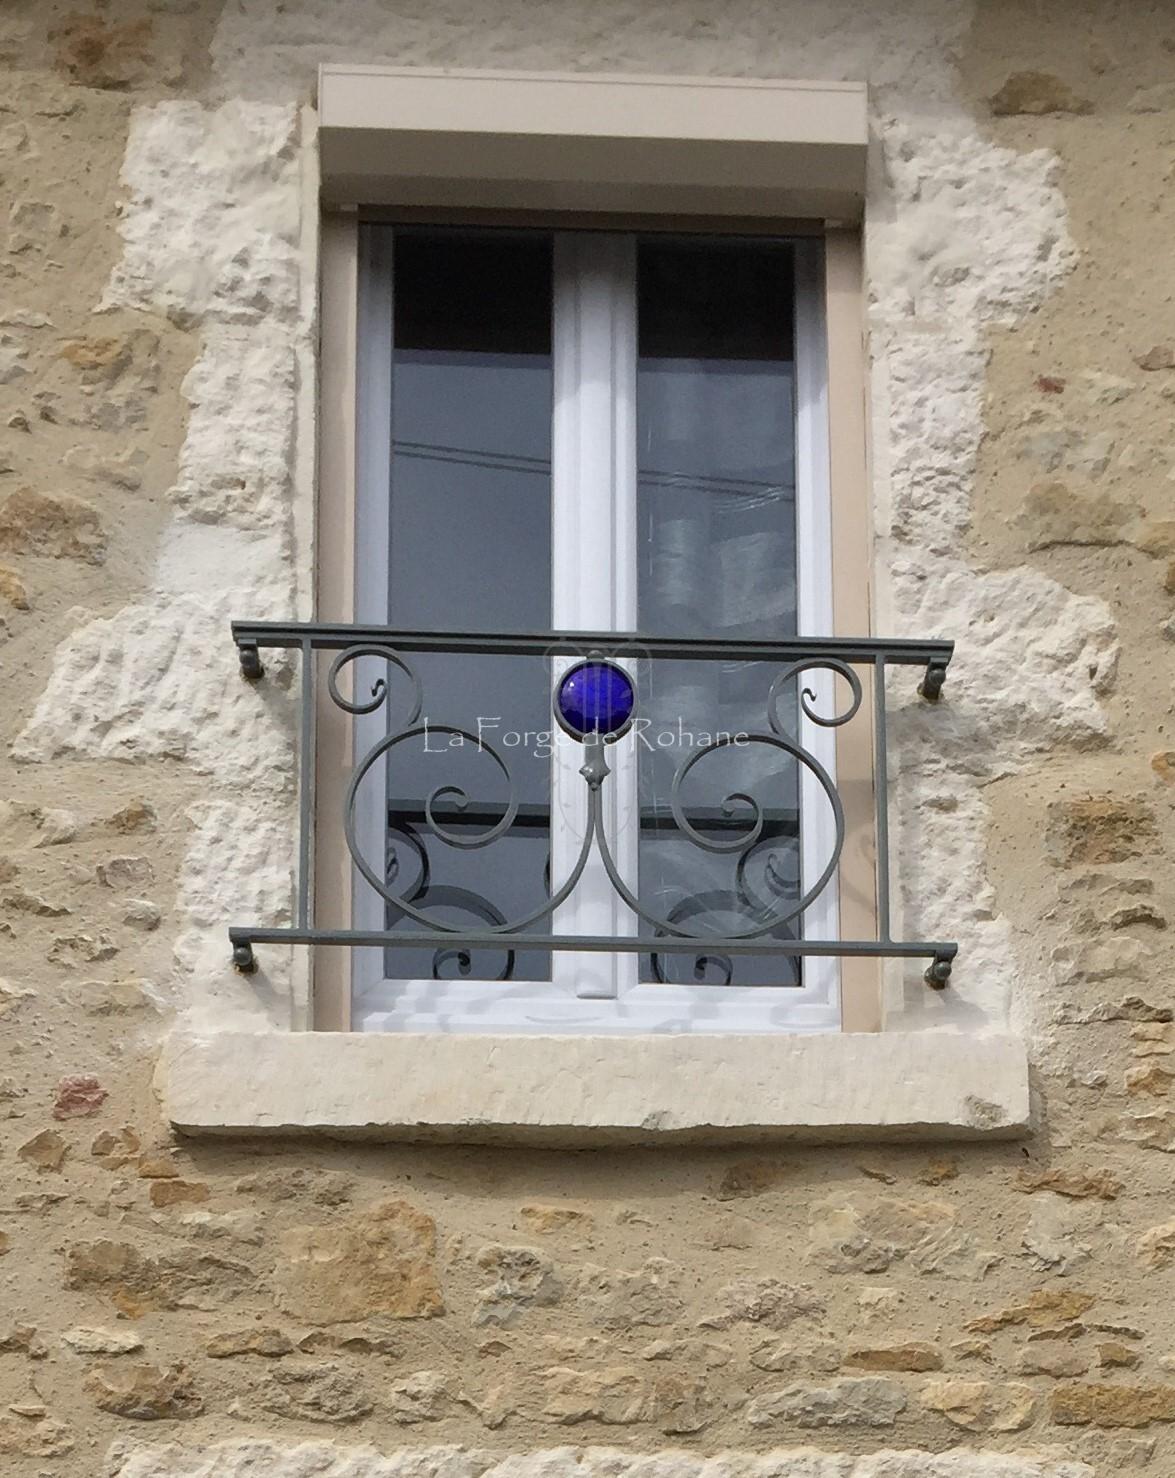 Garde Corps Et Grilles De Fenêtre La Forge De Rohane